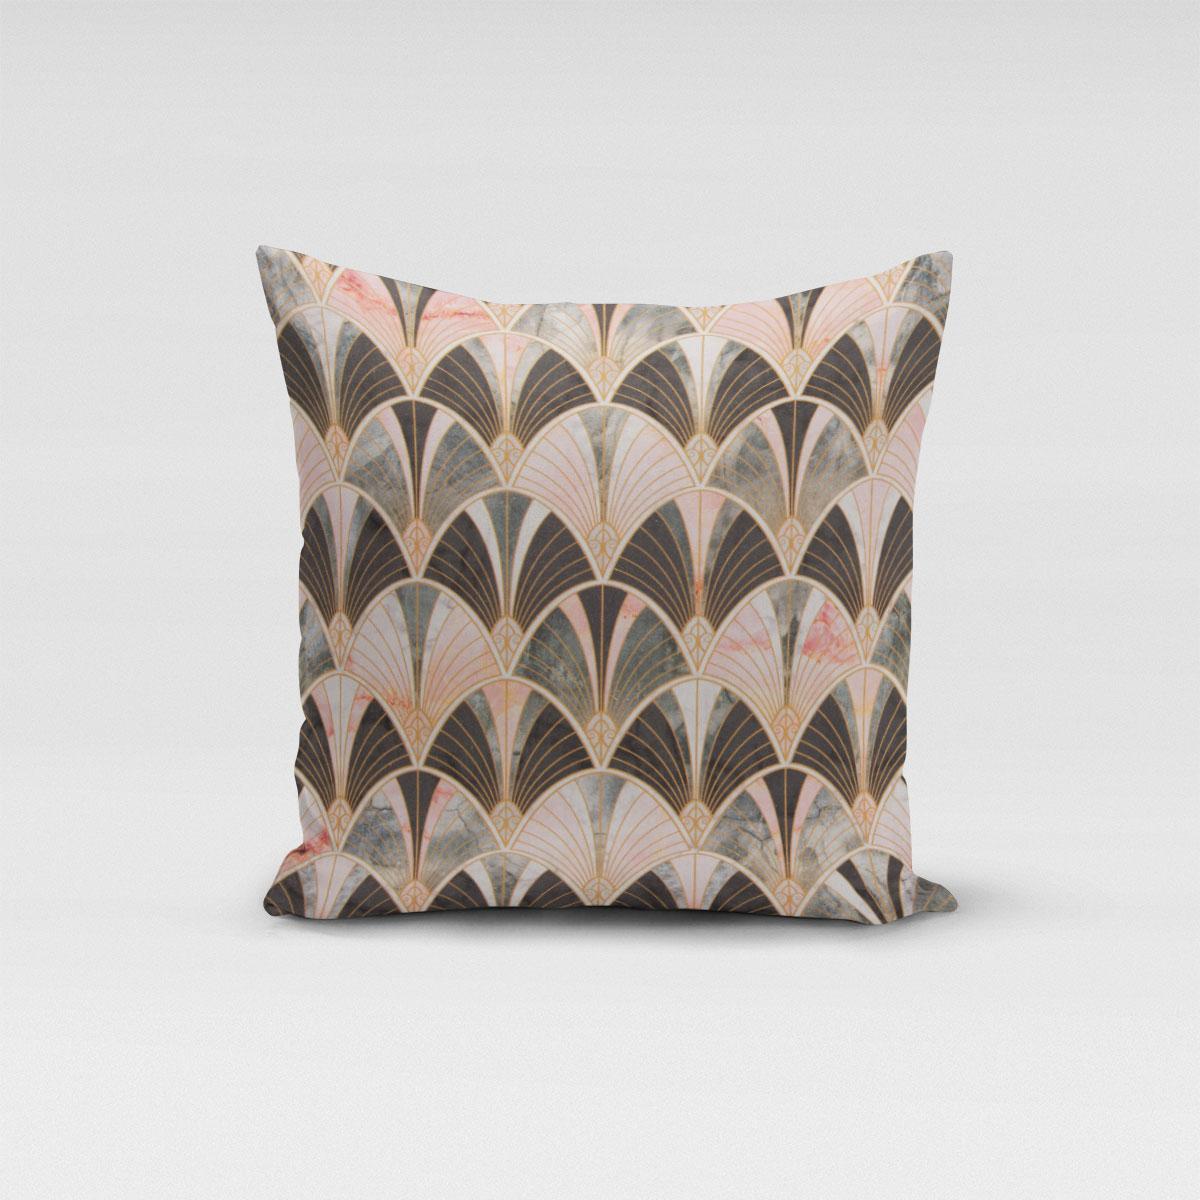 SCHÖNER LEBEN. Kissenhülle Art Deco Bogen Marmor grün rosa braun verschiedene Größen